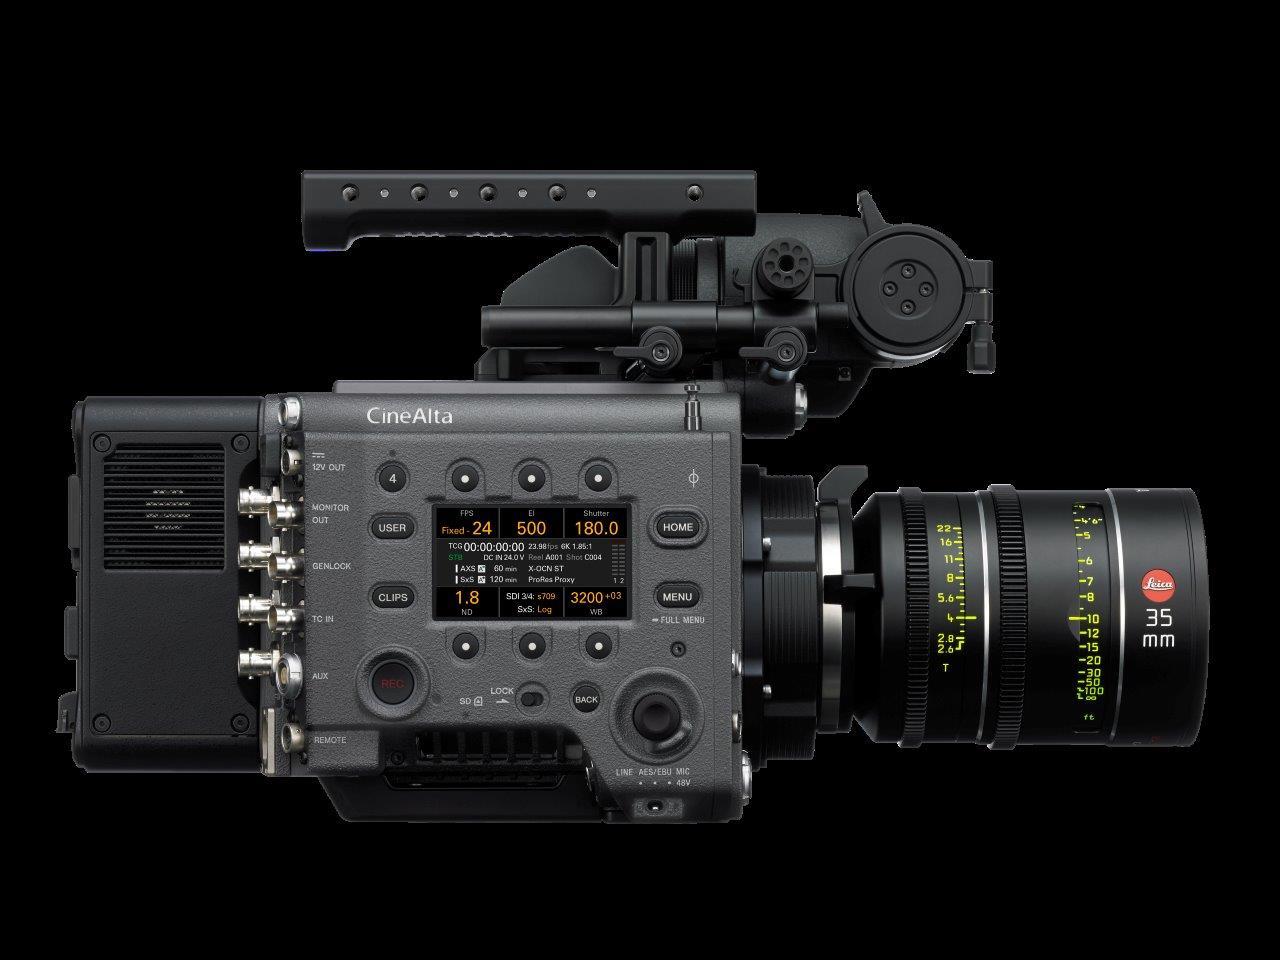 Цифровая кинокамера Sony CineAlta Venice, полный комплект